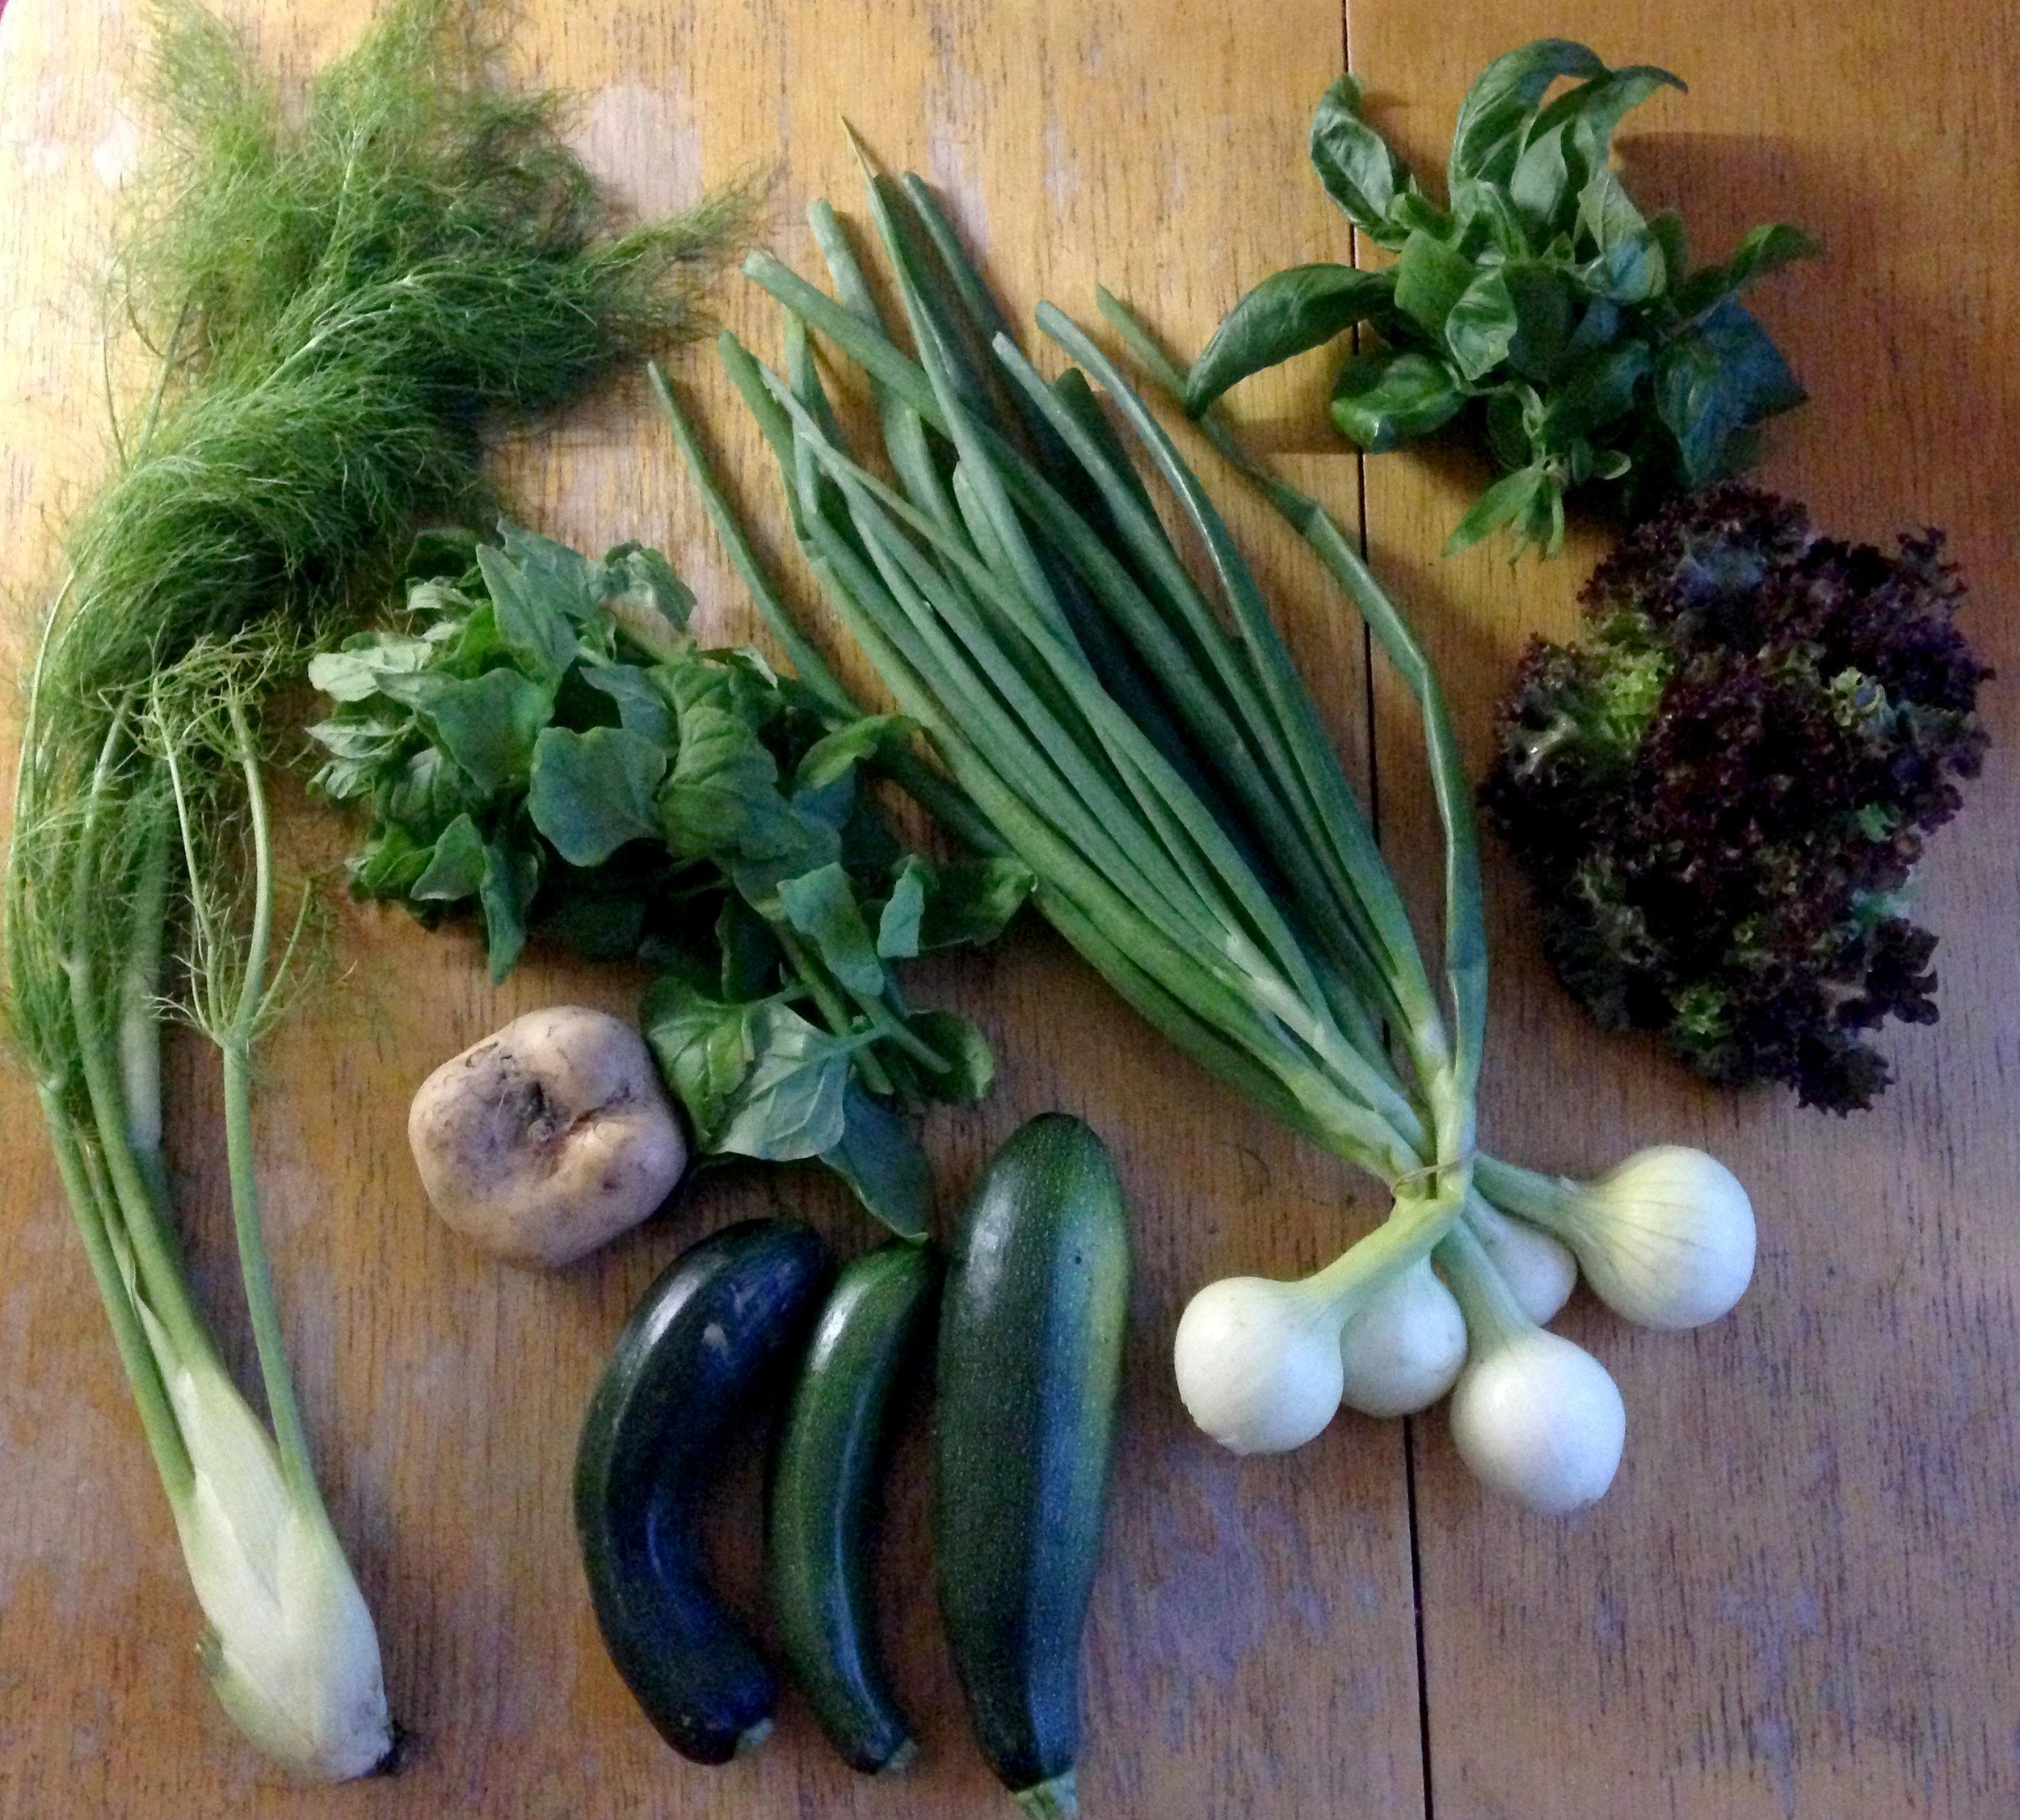 pinaattia, sipulia, naurista/kyssäkaalia, fenkolia, basilikaa, perunaa ja kesäkurpitsaa.